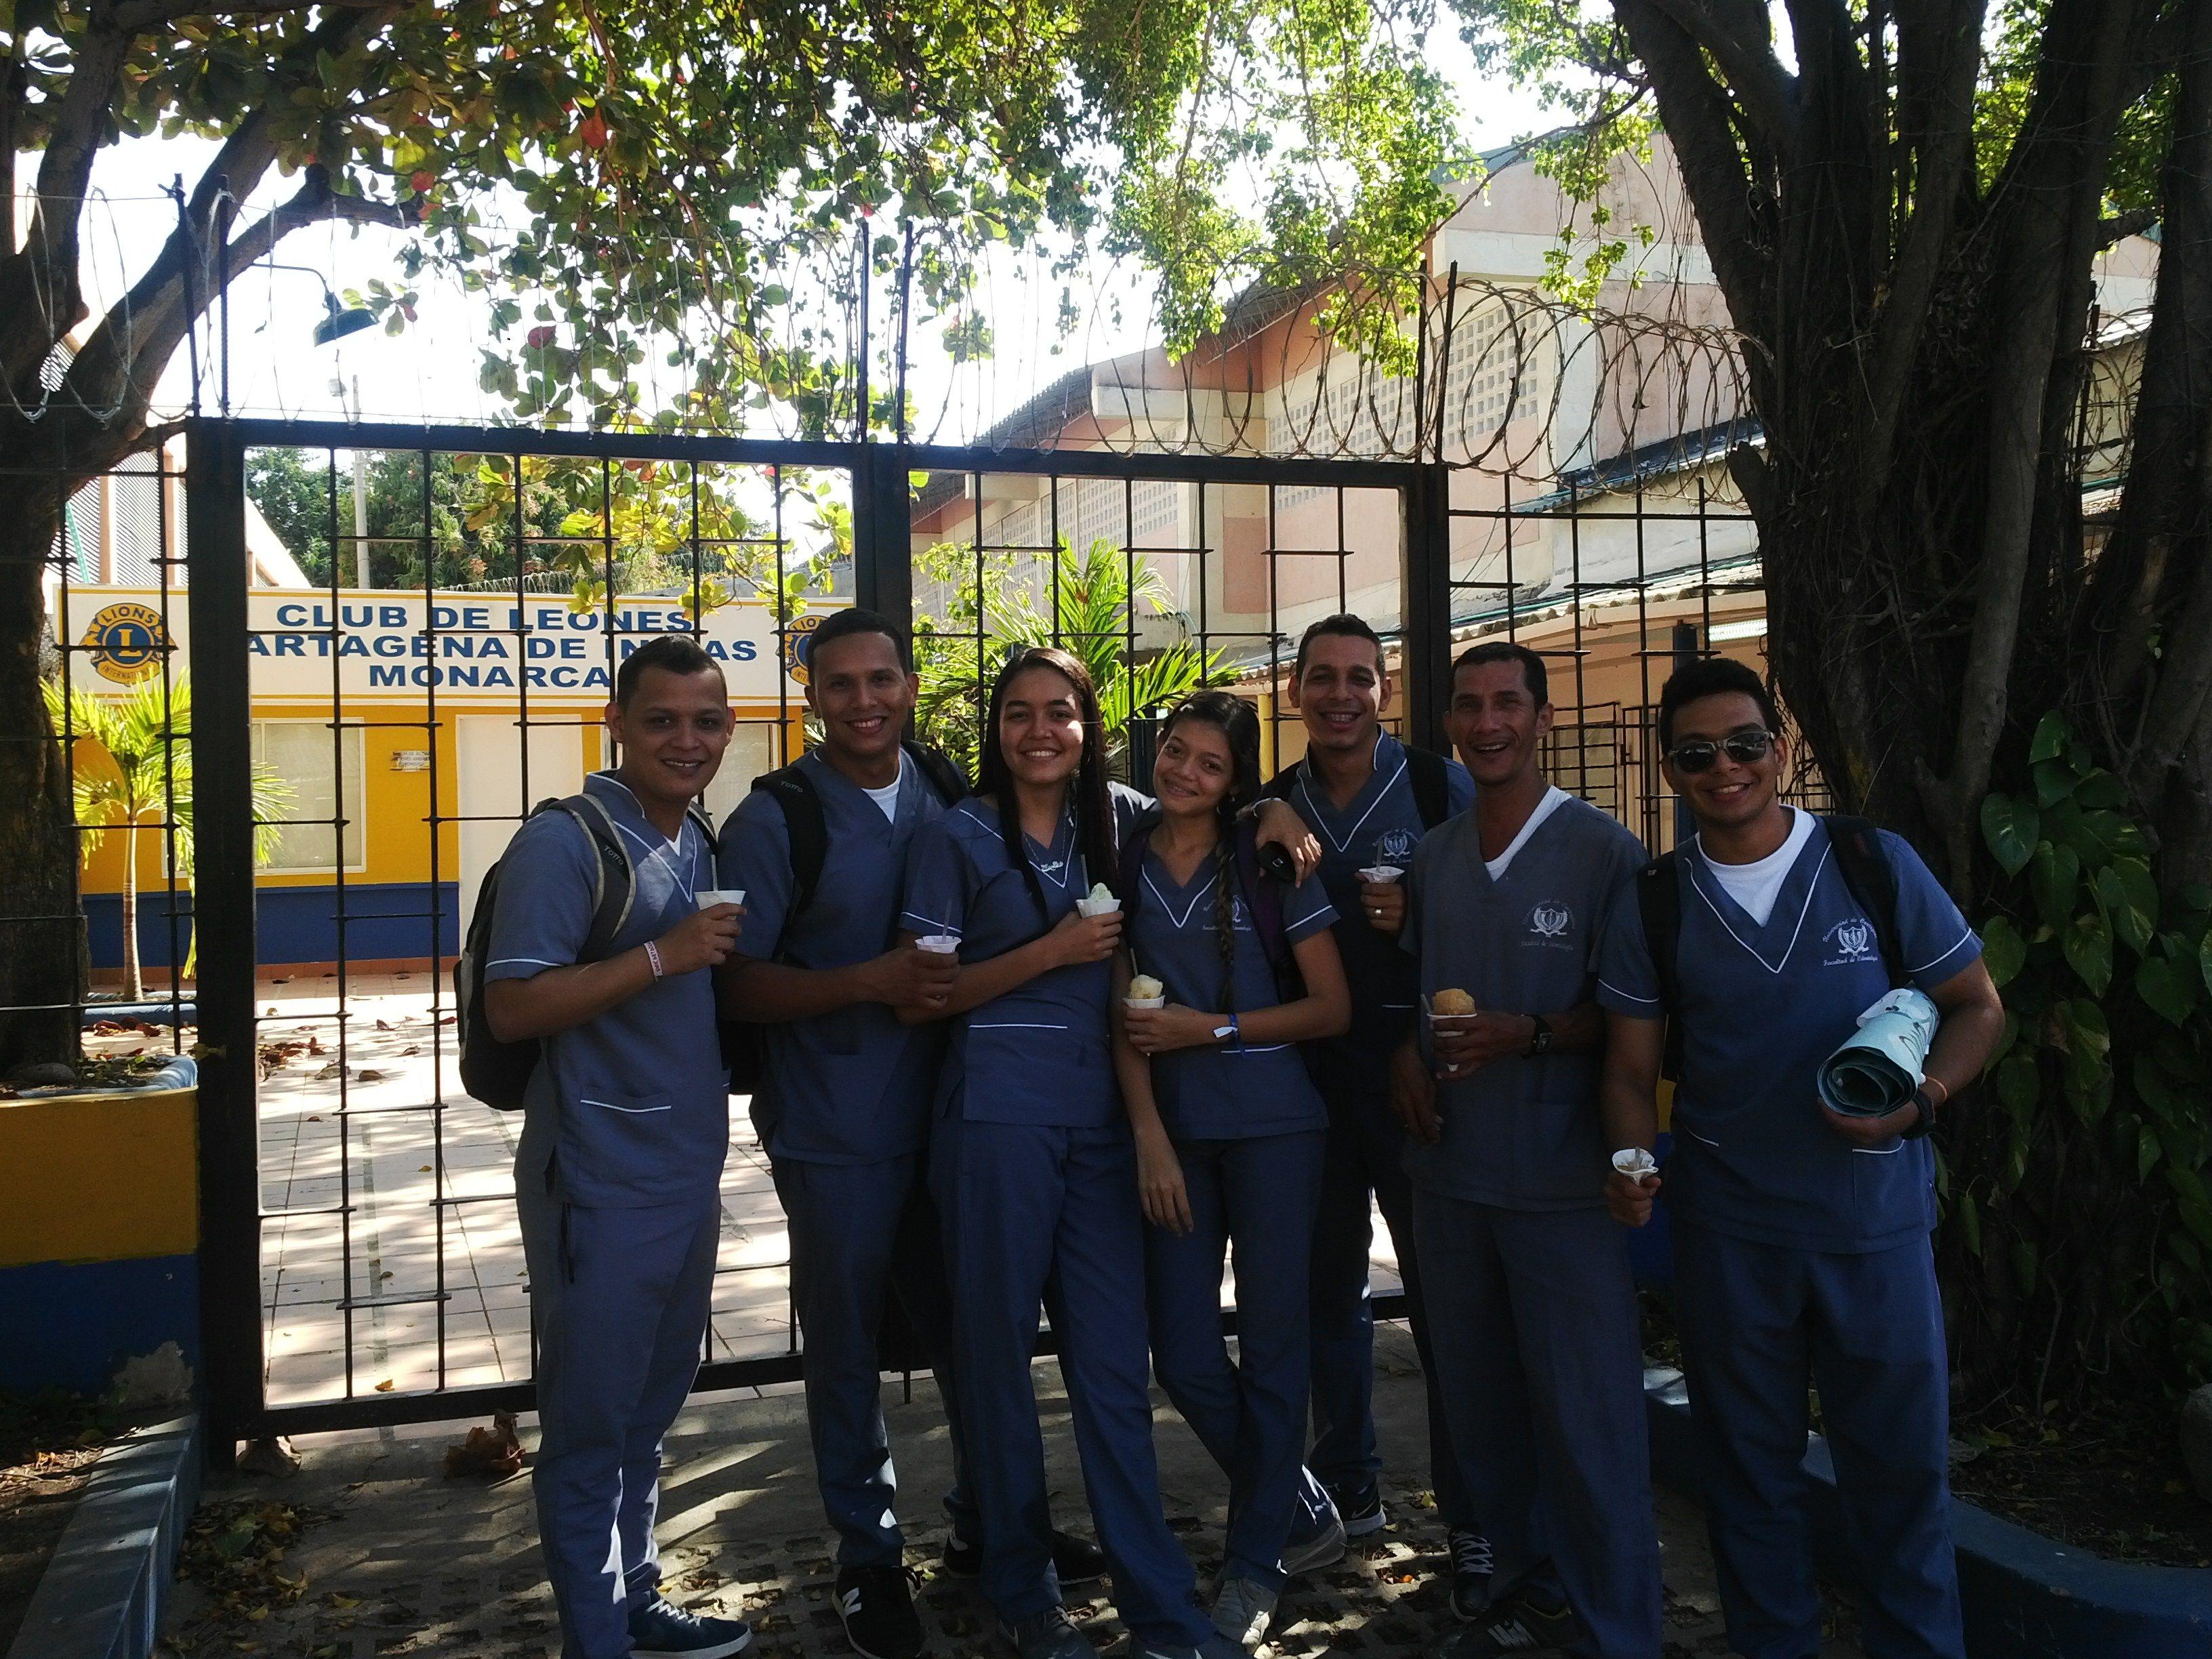 Jornadas de Salud - Proyección Social